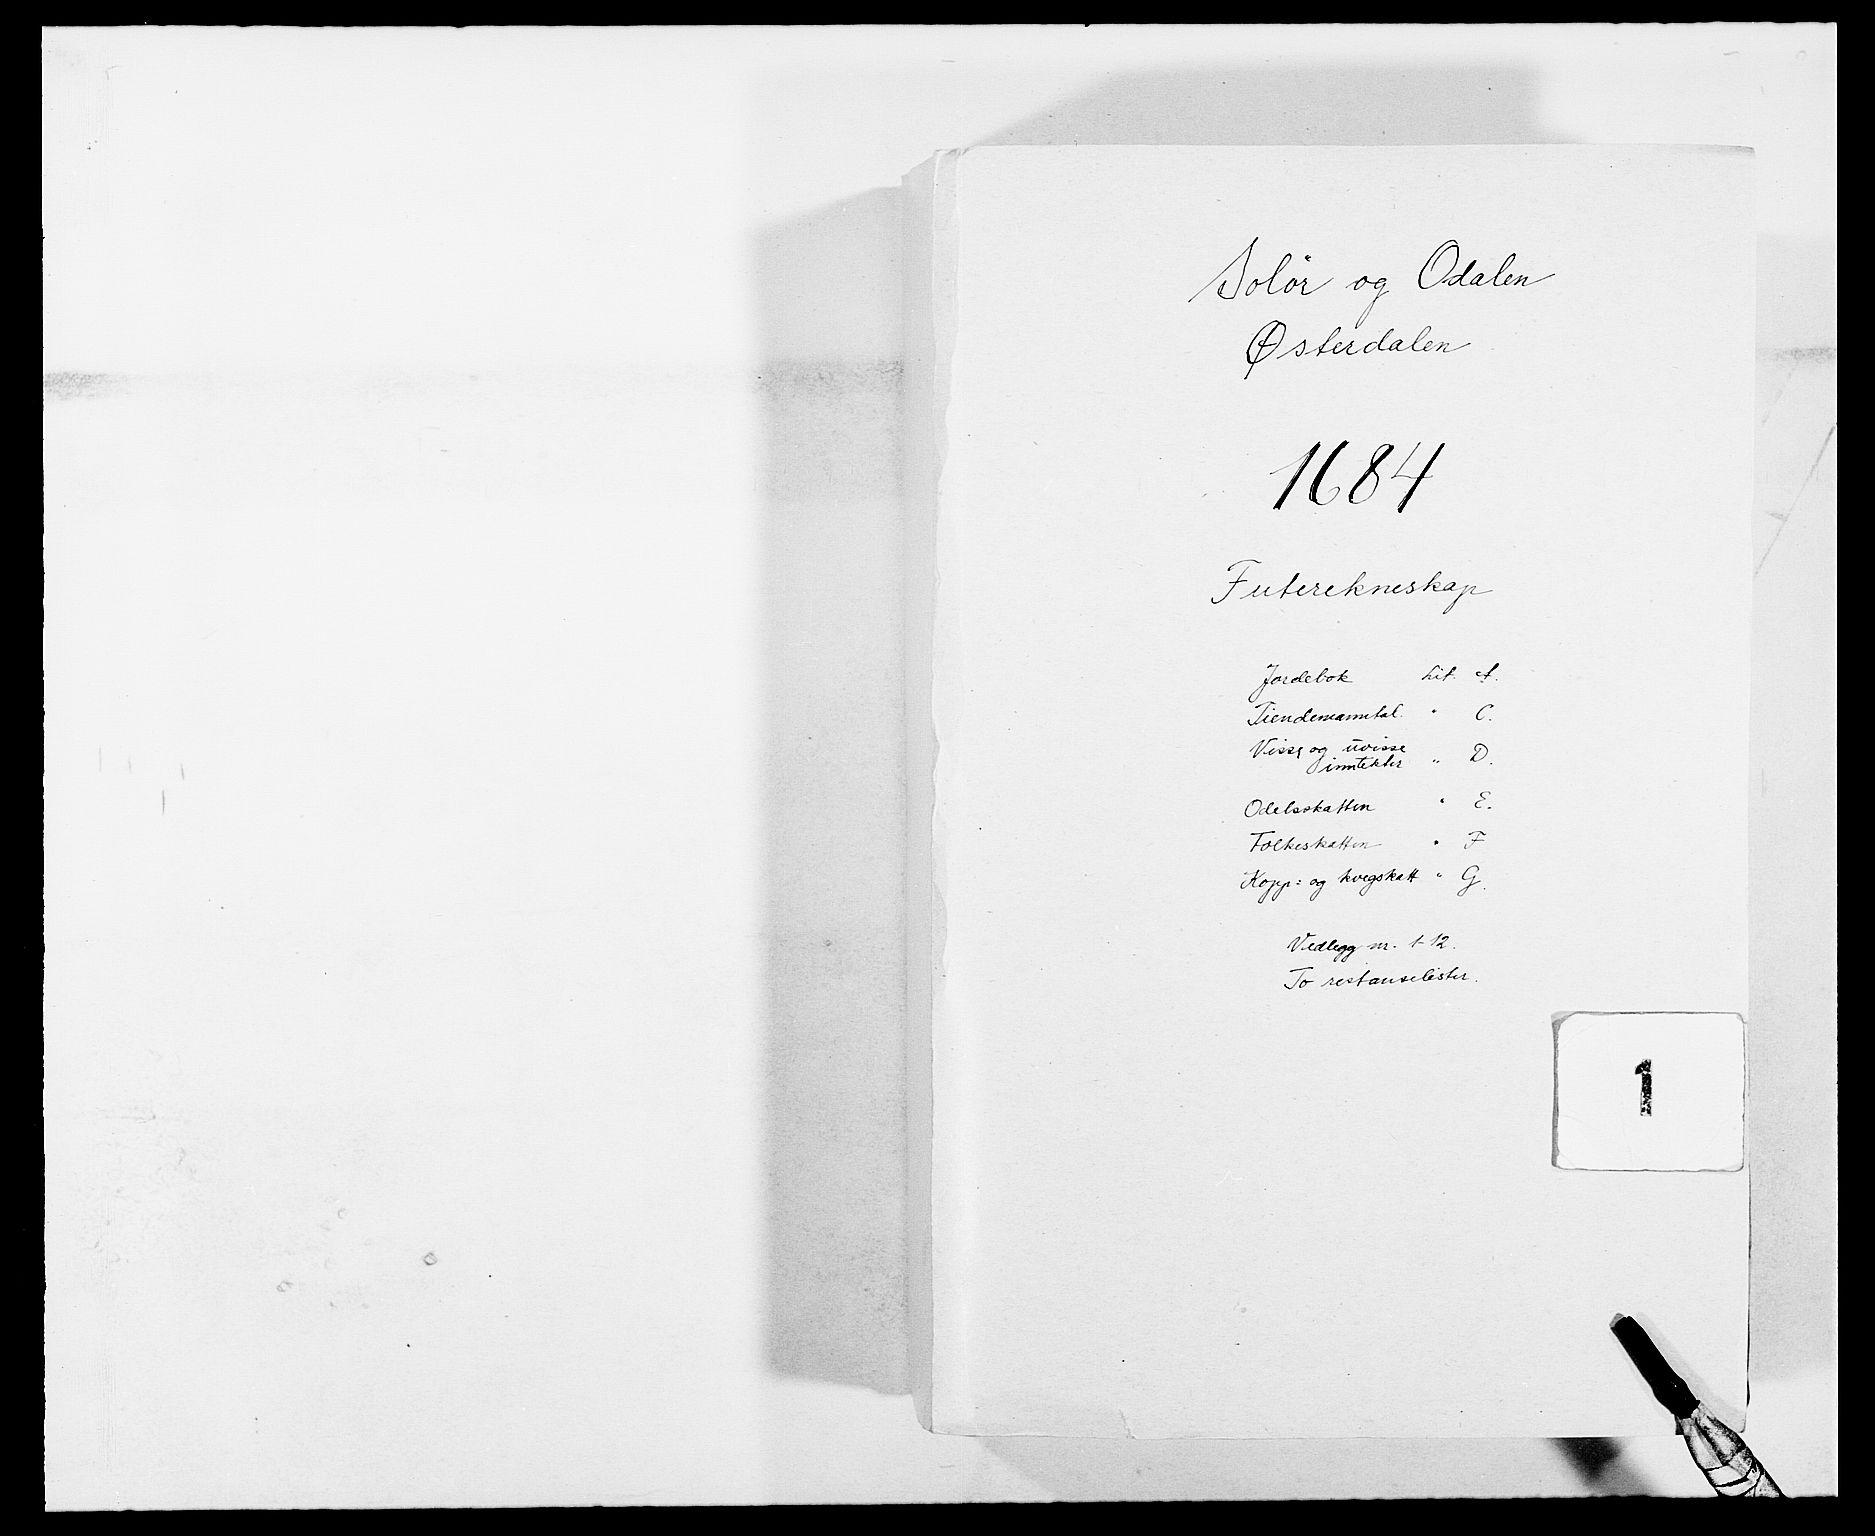 RA, Rentekammeret inntil 1814, Reviderte regnskaper, Fogderegnskap, R13/L0821: Fogderegnskap Solør, Odal og Østerdal, 1684, s. 1